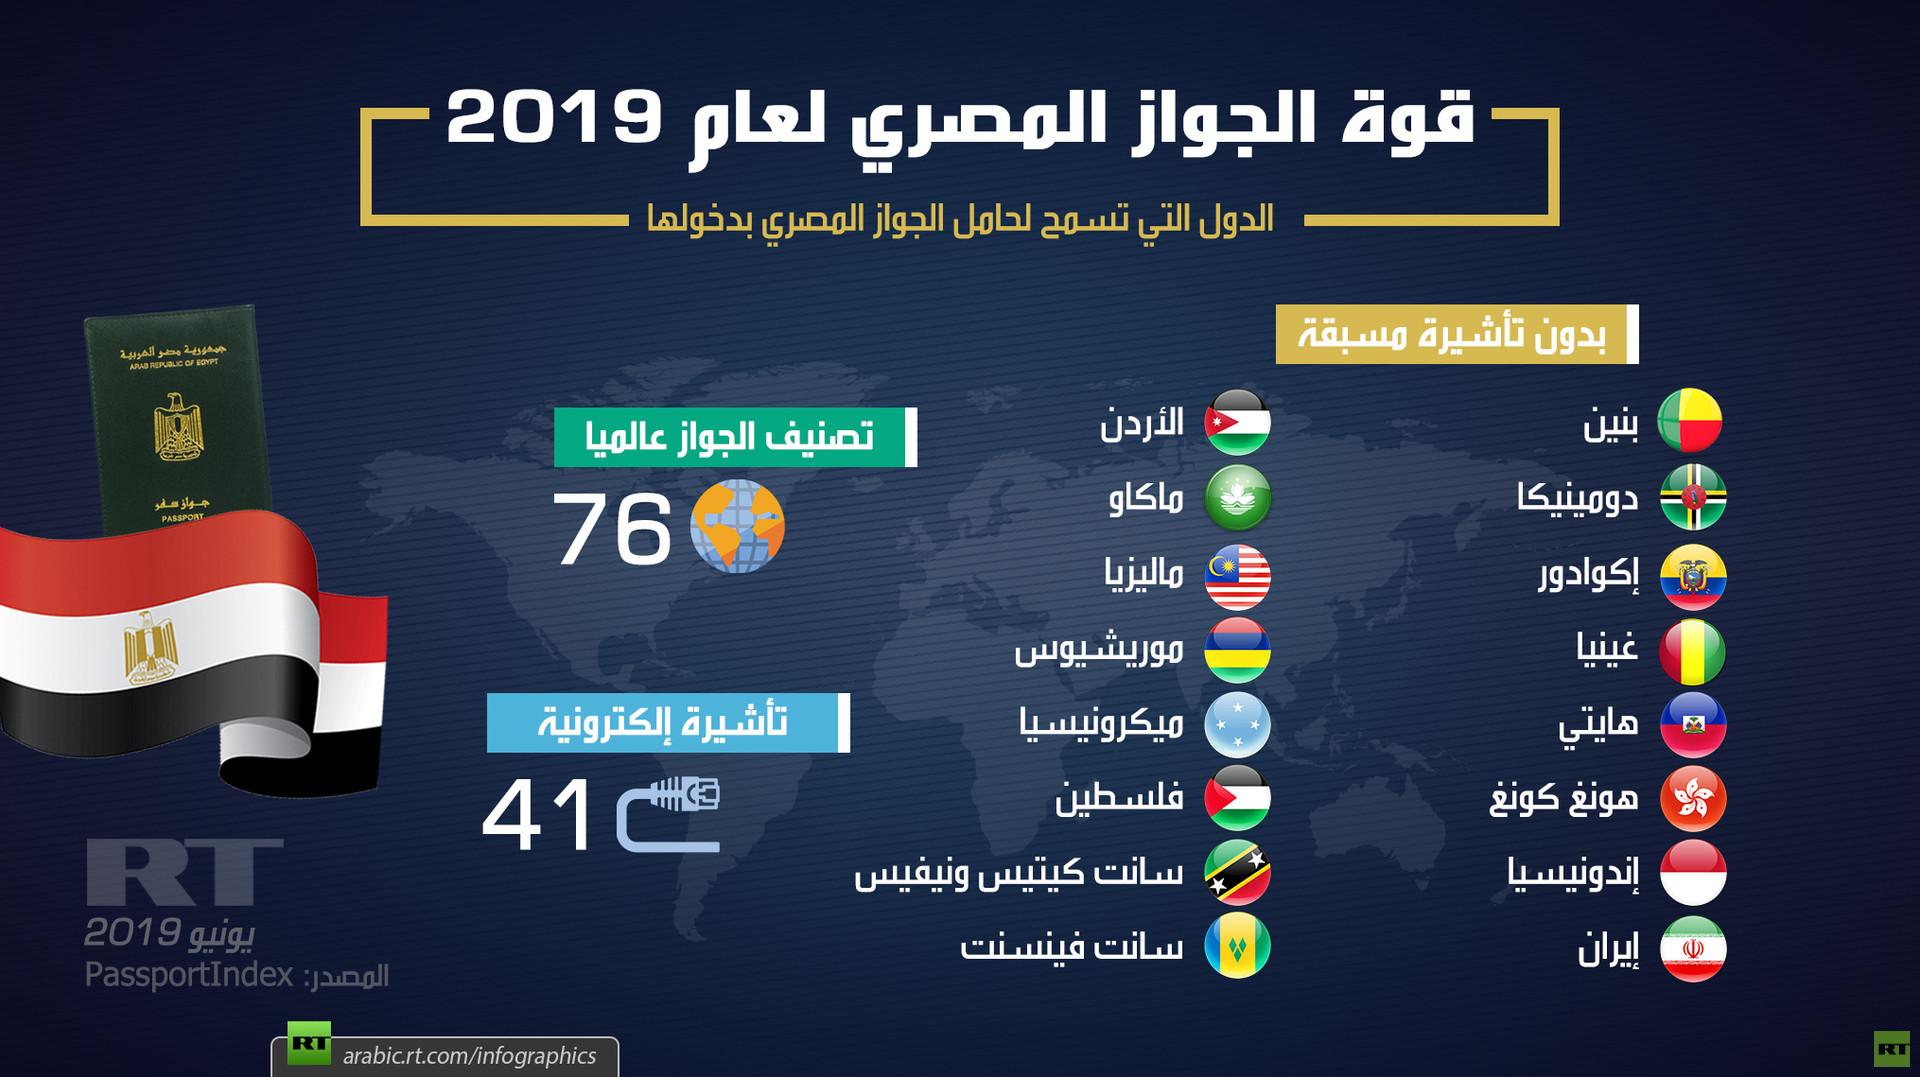 قوة الجواز المصري لعام 2019